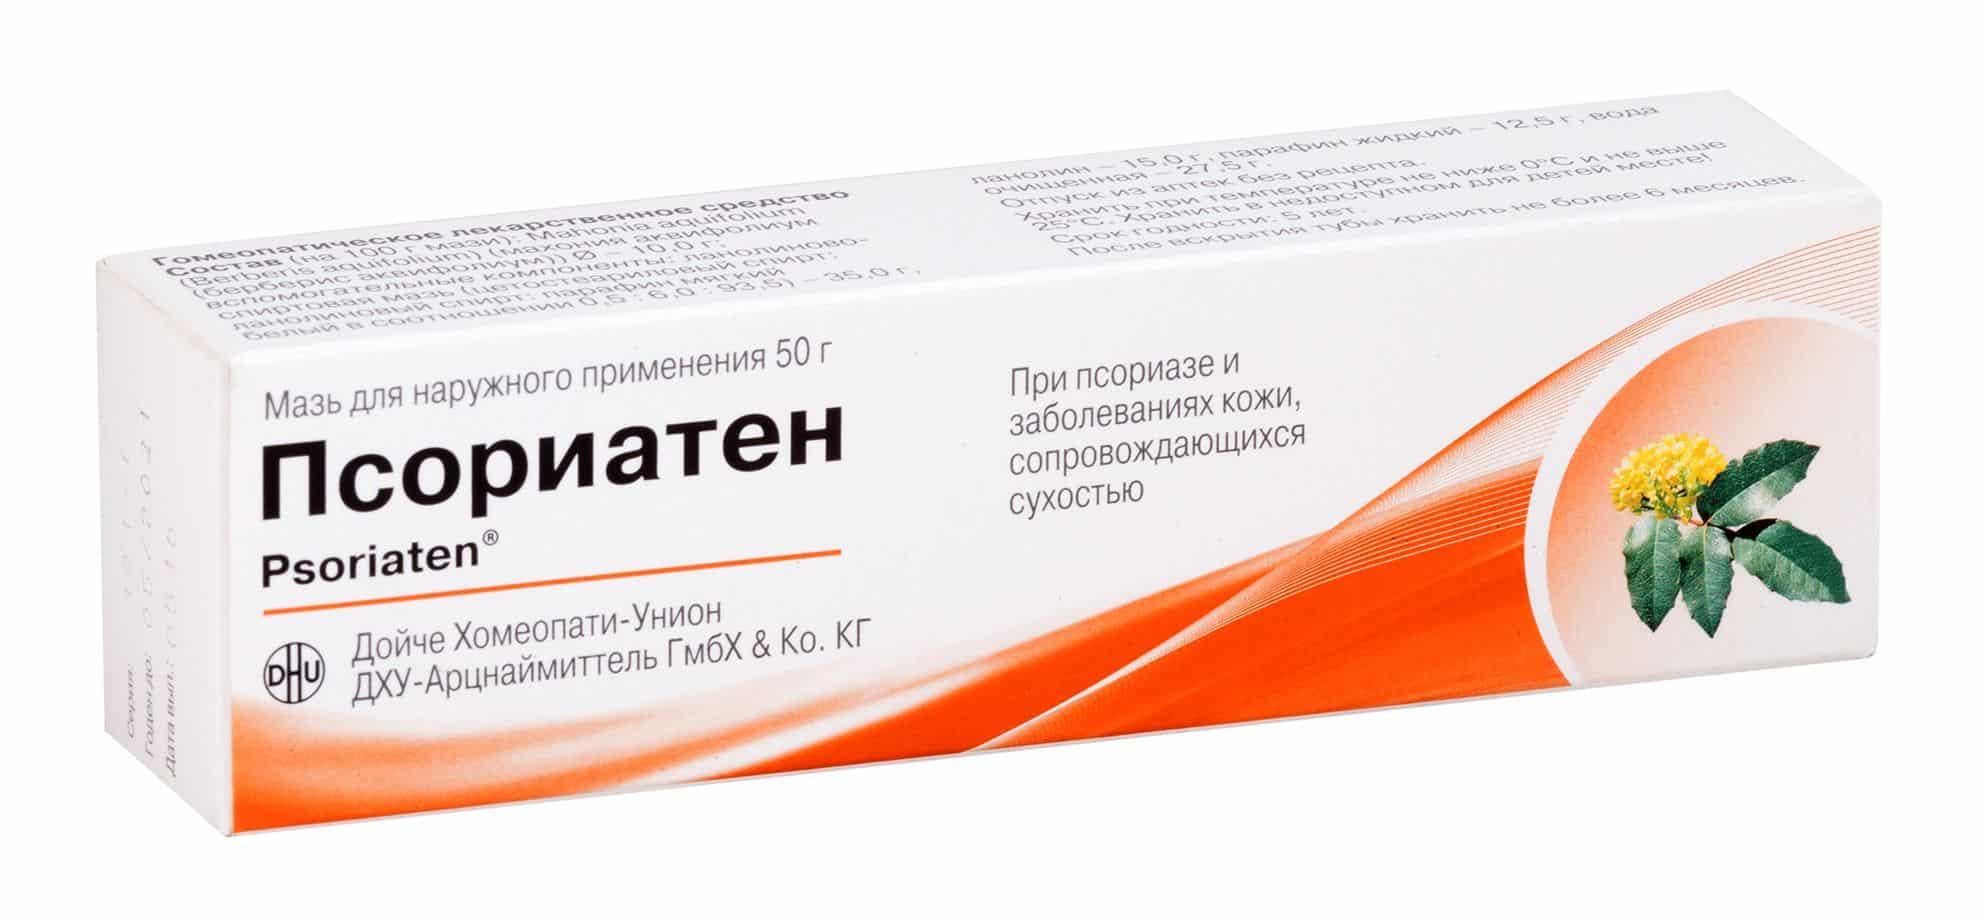 Psoriaten ointment 50 g.